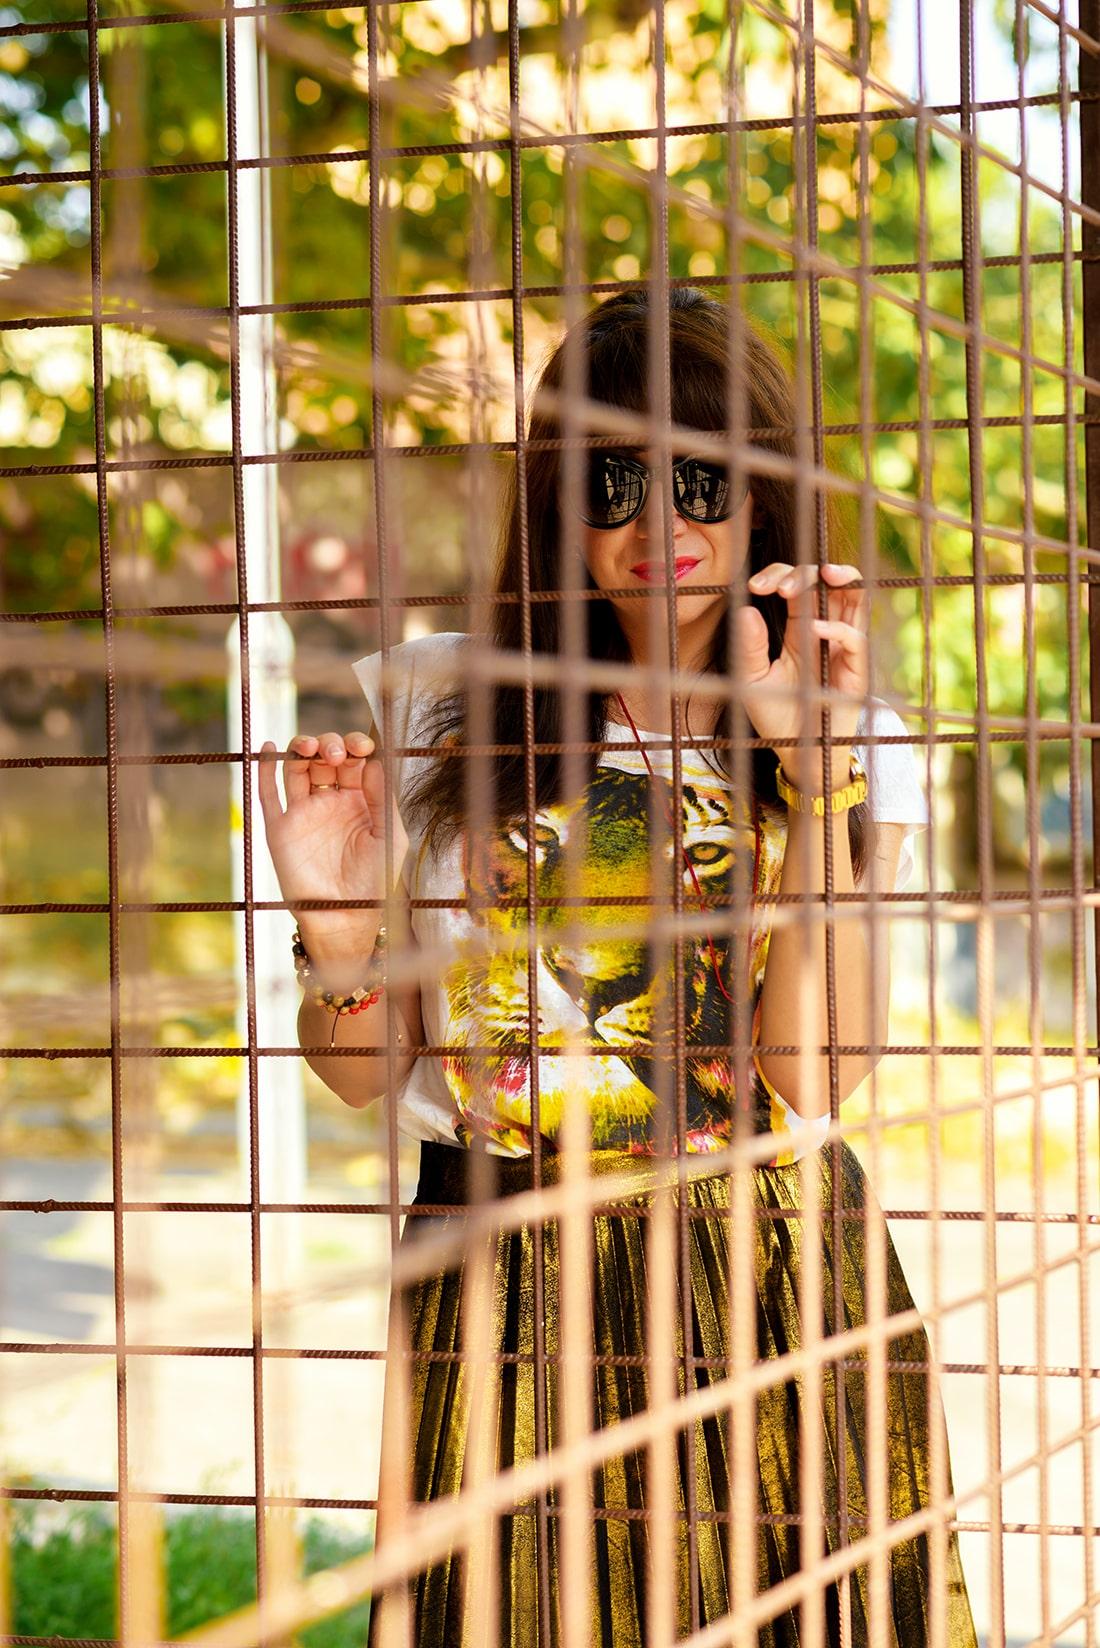 RADOSŤ AJ VĎAKA NÁRAMKOM OD DELTIMO_Katharine-fashion is beautiful_blog 3_Zlatá plisovaná sukňa Zara_Červená kabelka JEJ_Zvierací motív_Katarína Jakubčová_Fashion blogger